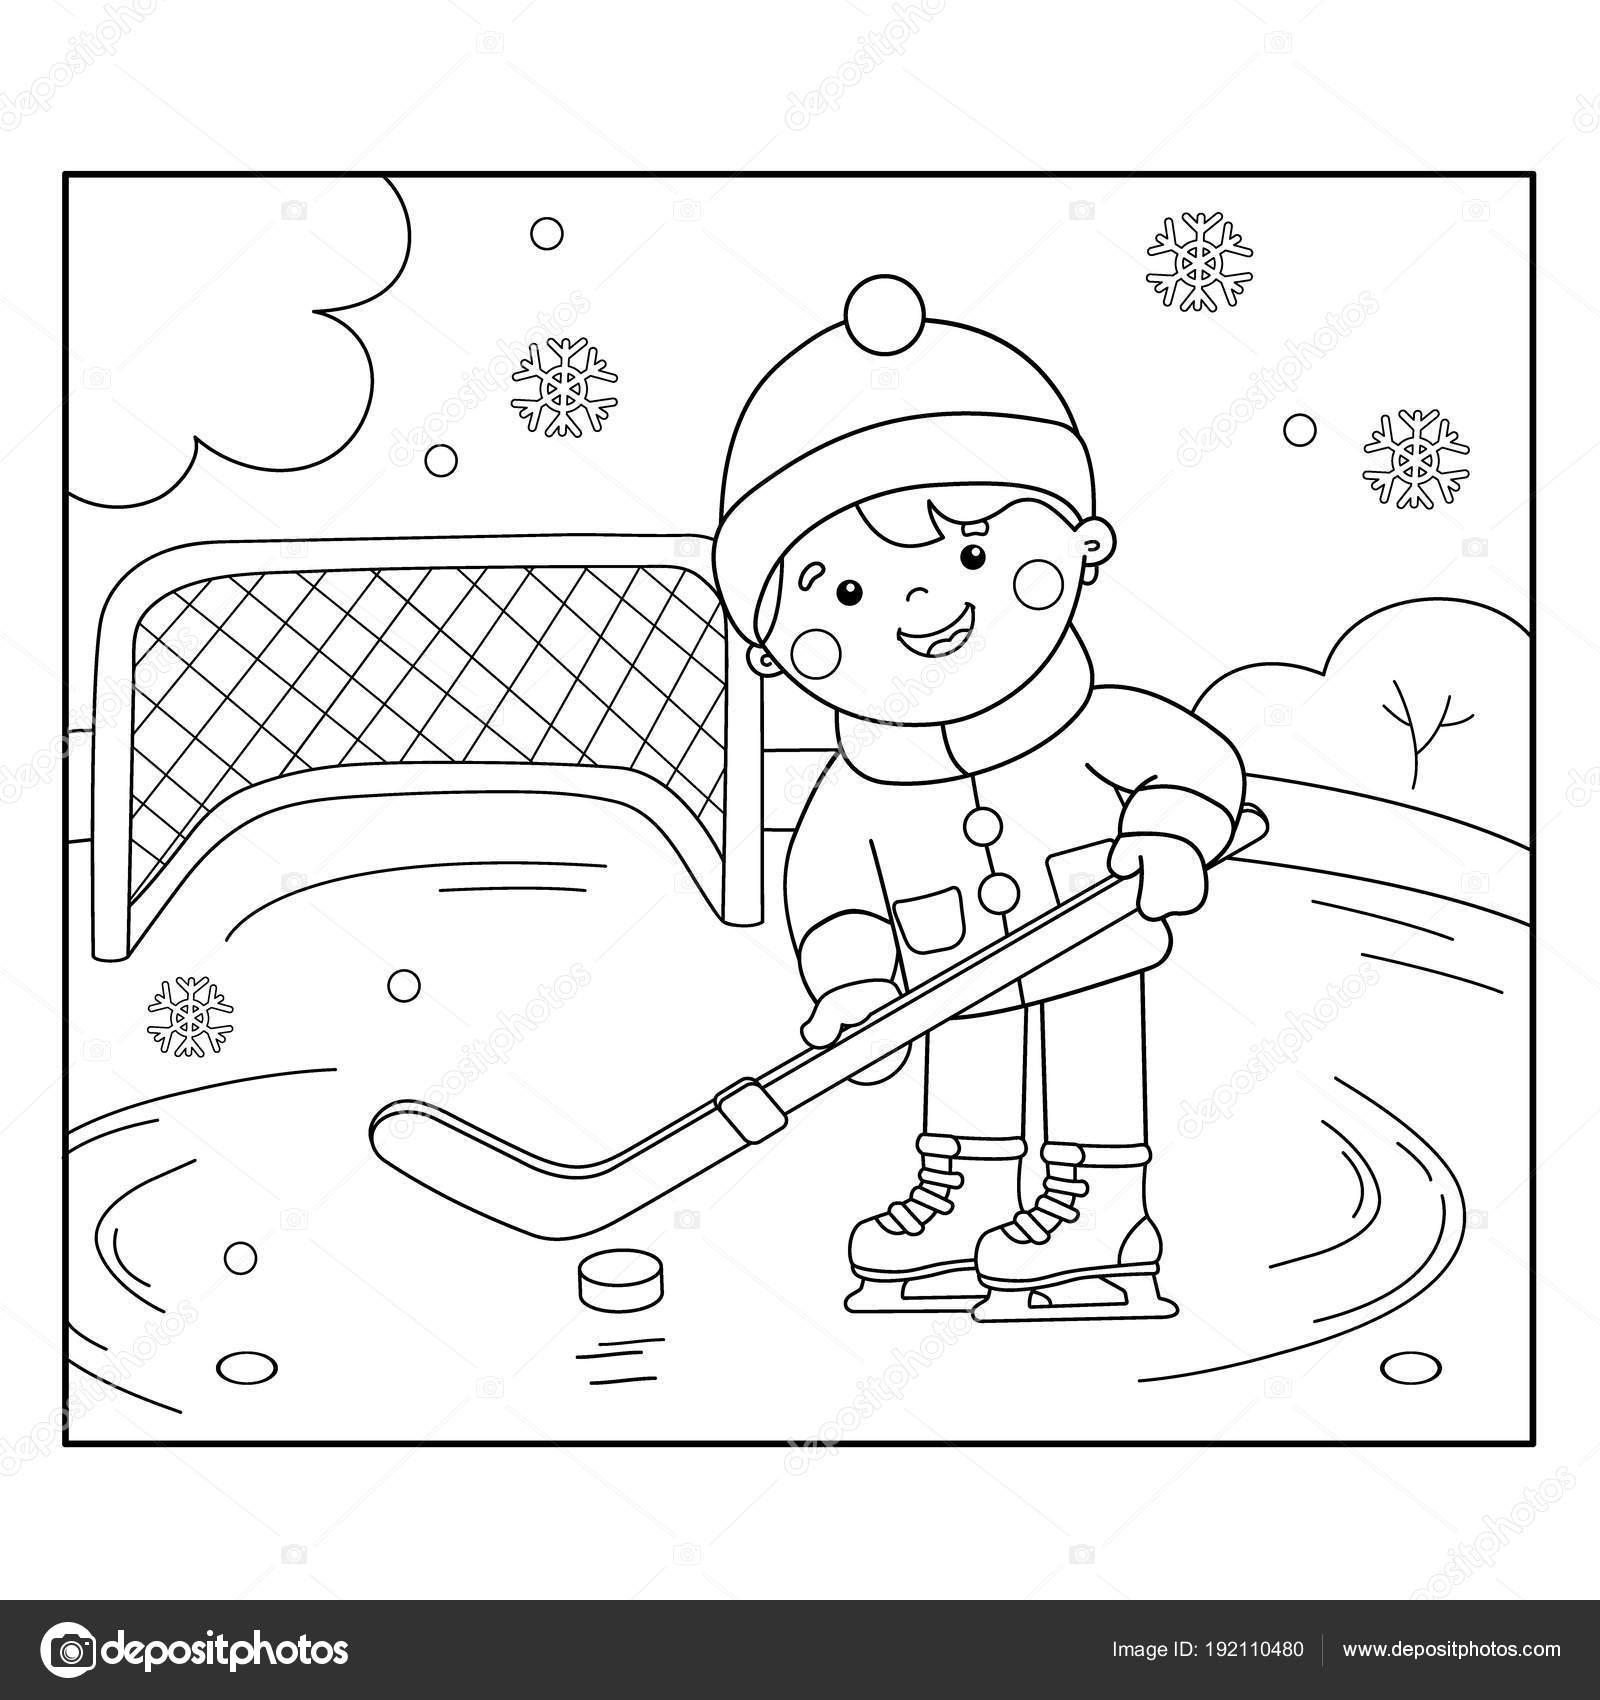 Colorear página contorno de dibujos animados chico jugando al hockey ...